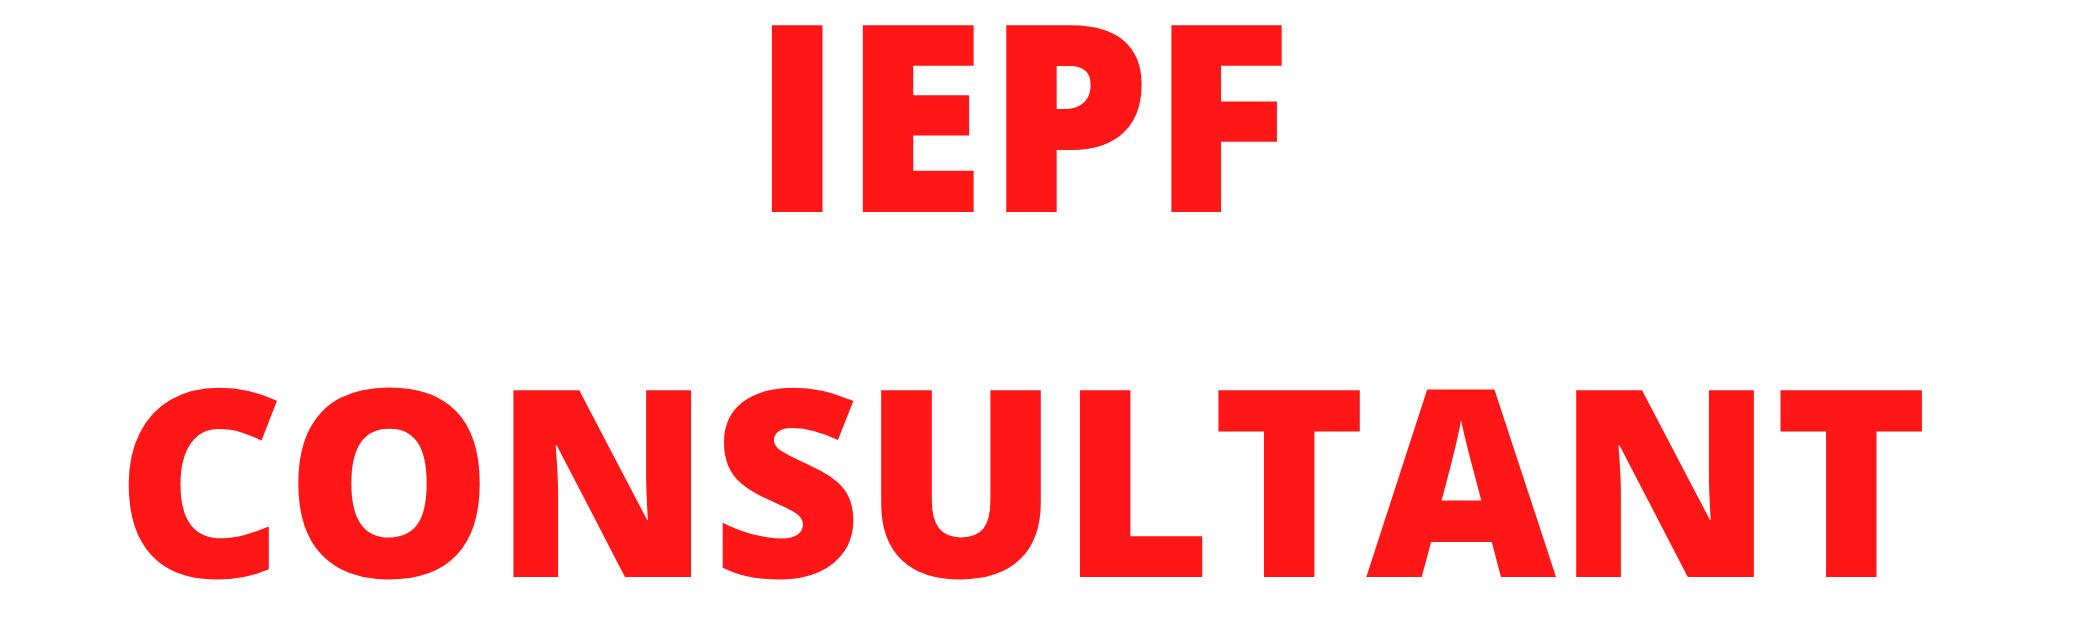 IEPF CONSULTANT